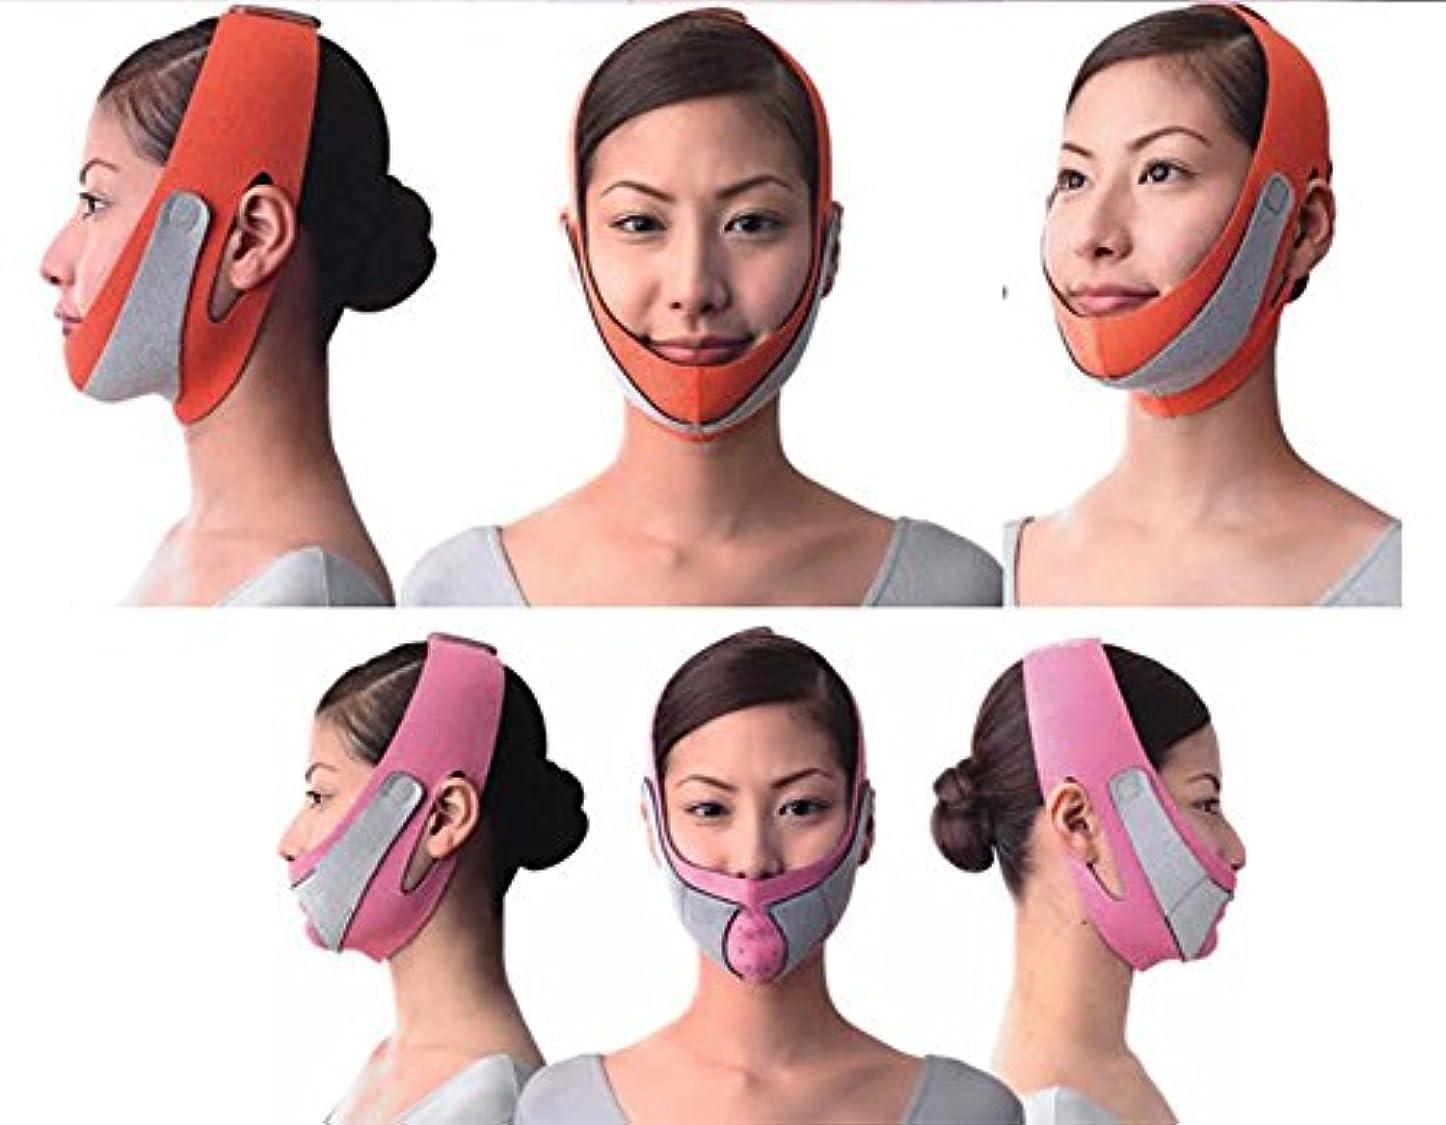 フローティングスケート貢献引き上げマスク 頬のたるみ 額、顎下、頬リフトアップ ピンク グレー 弾力V-ラインマスク 引っ張る リフティング フェイス リフトスリムマスク 美容 フェイスマスク